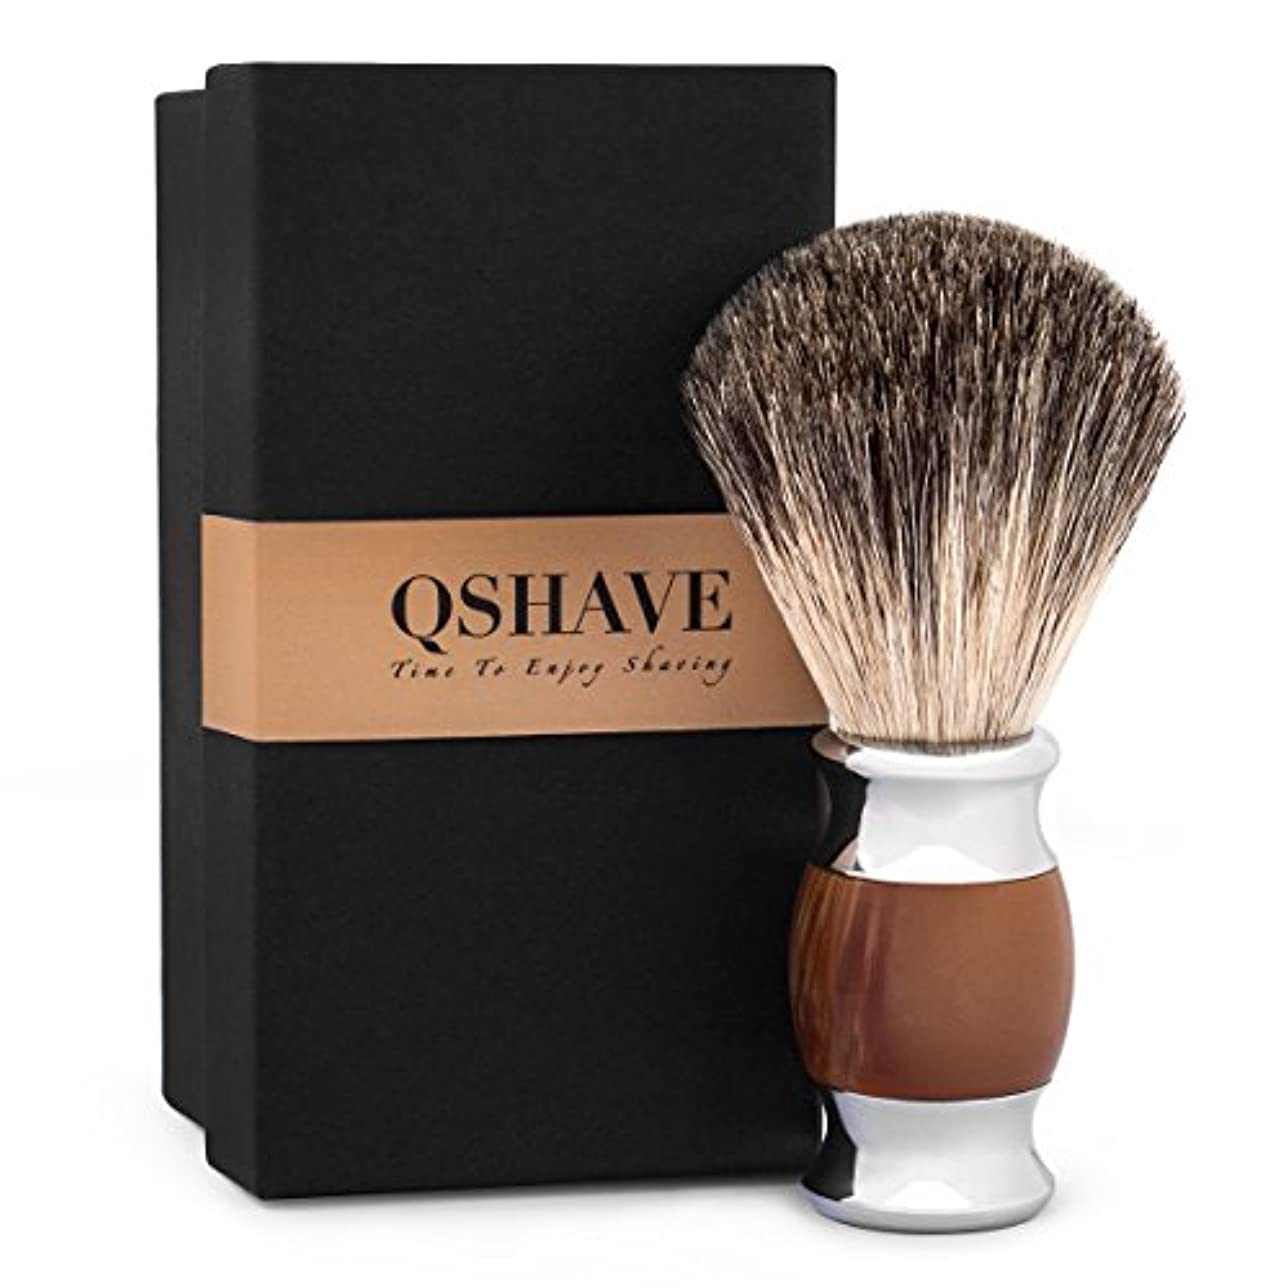 強要民間人添付QSHAVE 100%最高級アナグマ毛オリジナルハンドメイドシェービングブラシ。人工メノウ ハンドル。ウェットシェービング、安全カミソリ、両刃カミソリに最適